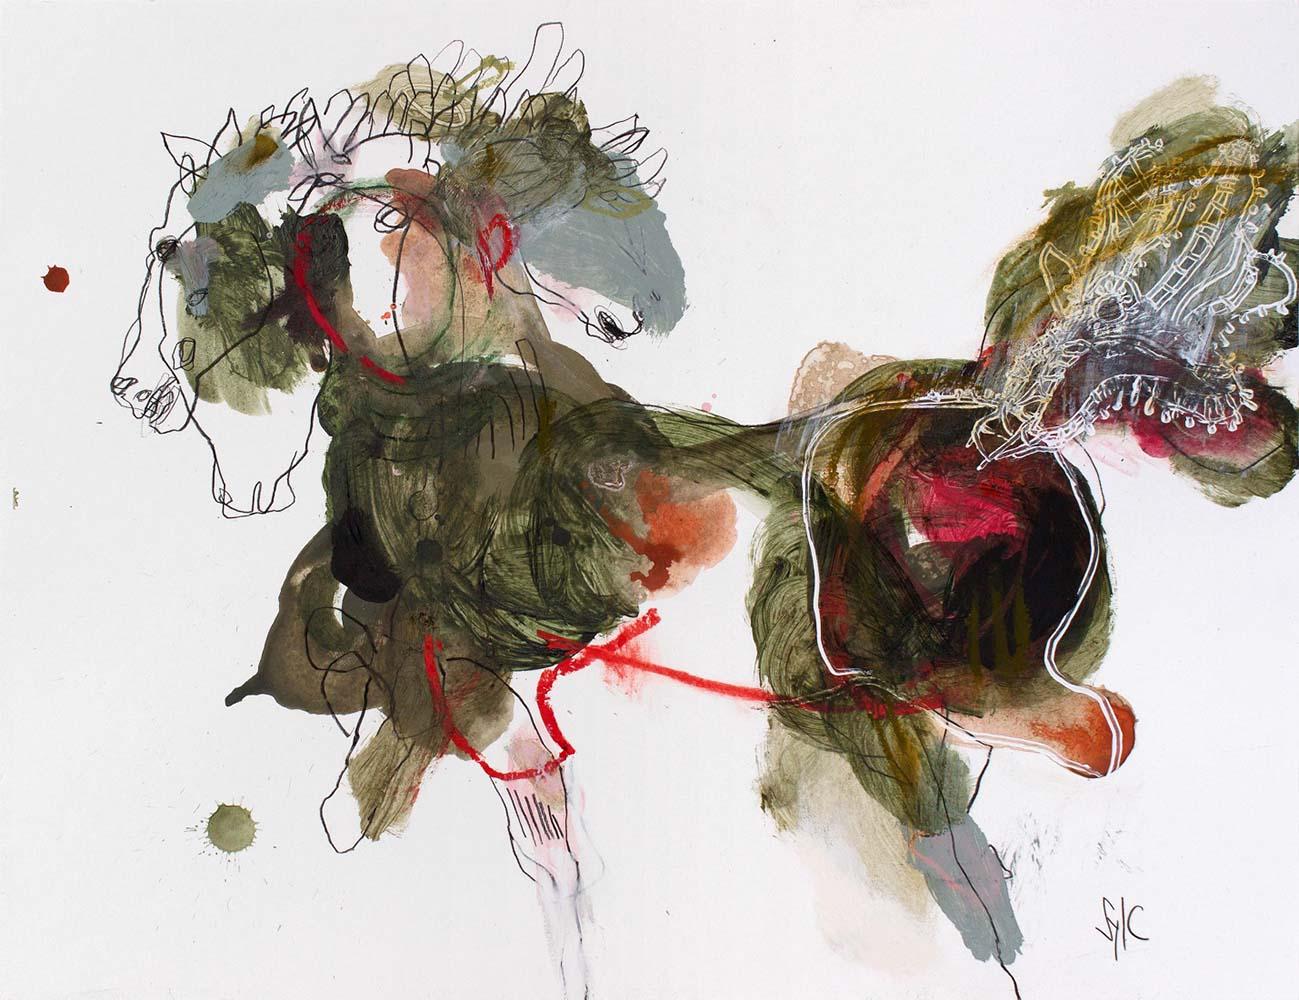 HORSE, Dessin #5, 2019 - Fusain, acrylique & pastel gras sur papier, 50x65cm